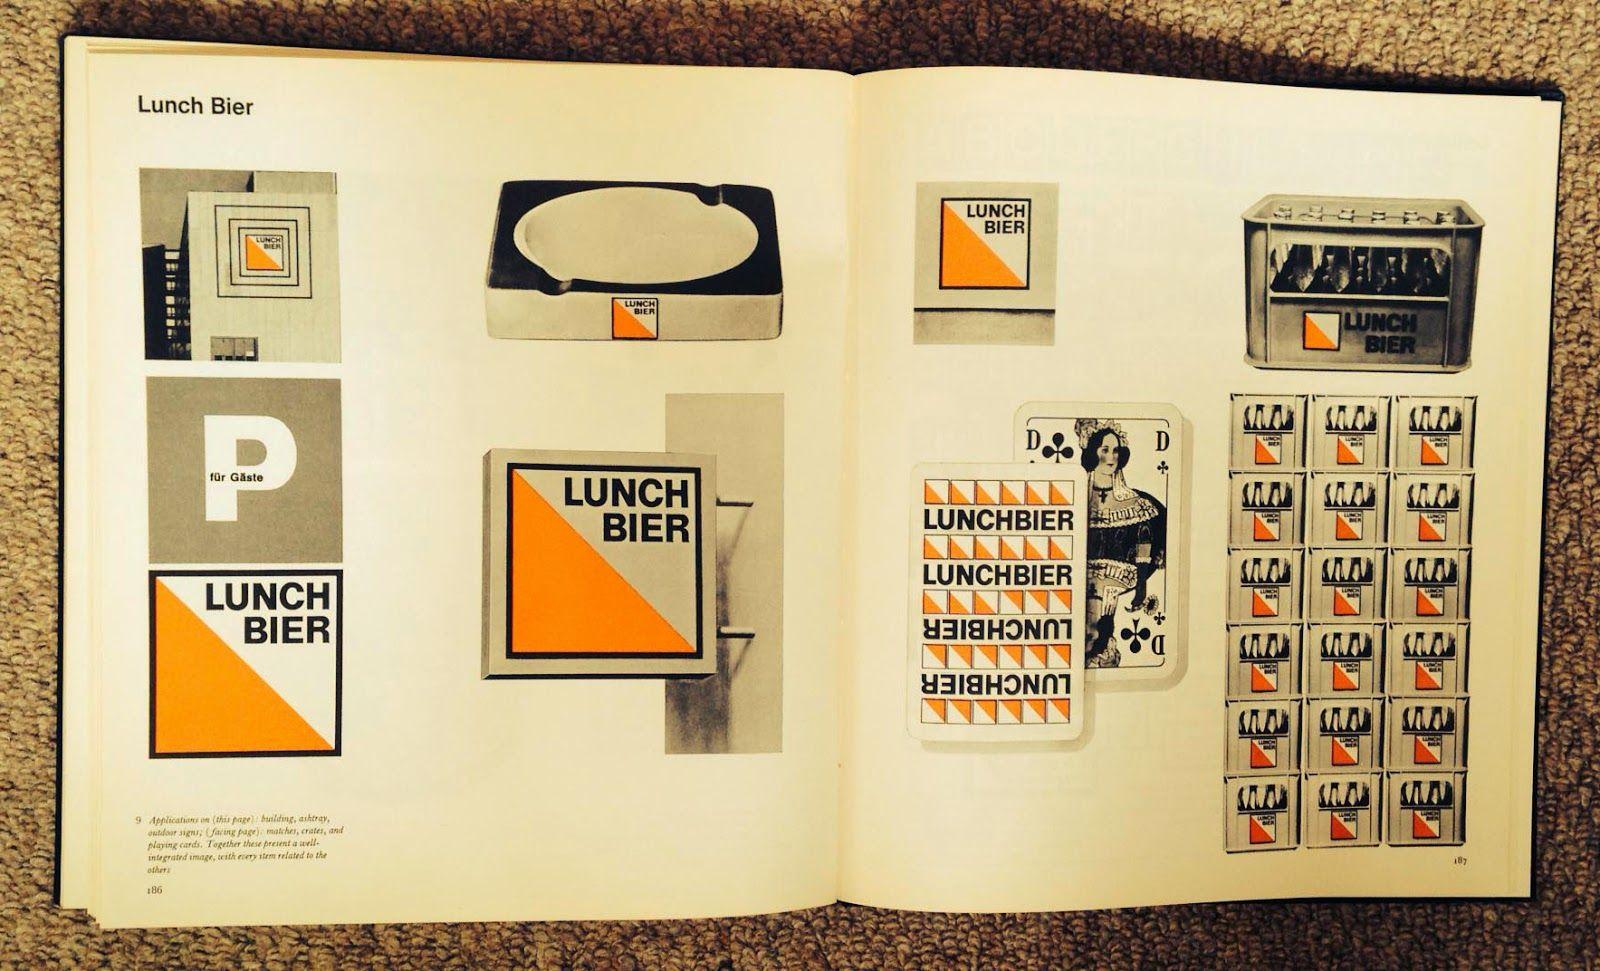 Design Lunch Bier By Anton Stankowski Bier Corporate Design Design